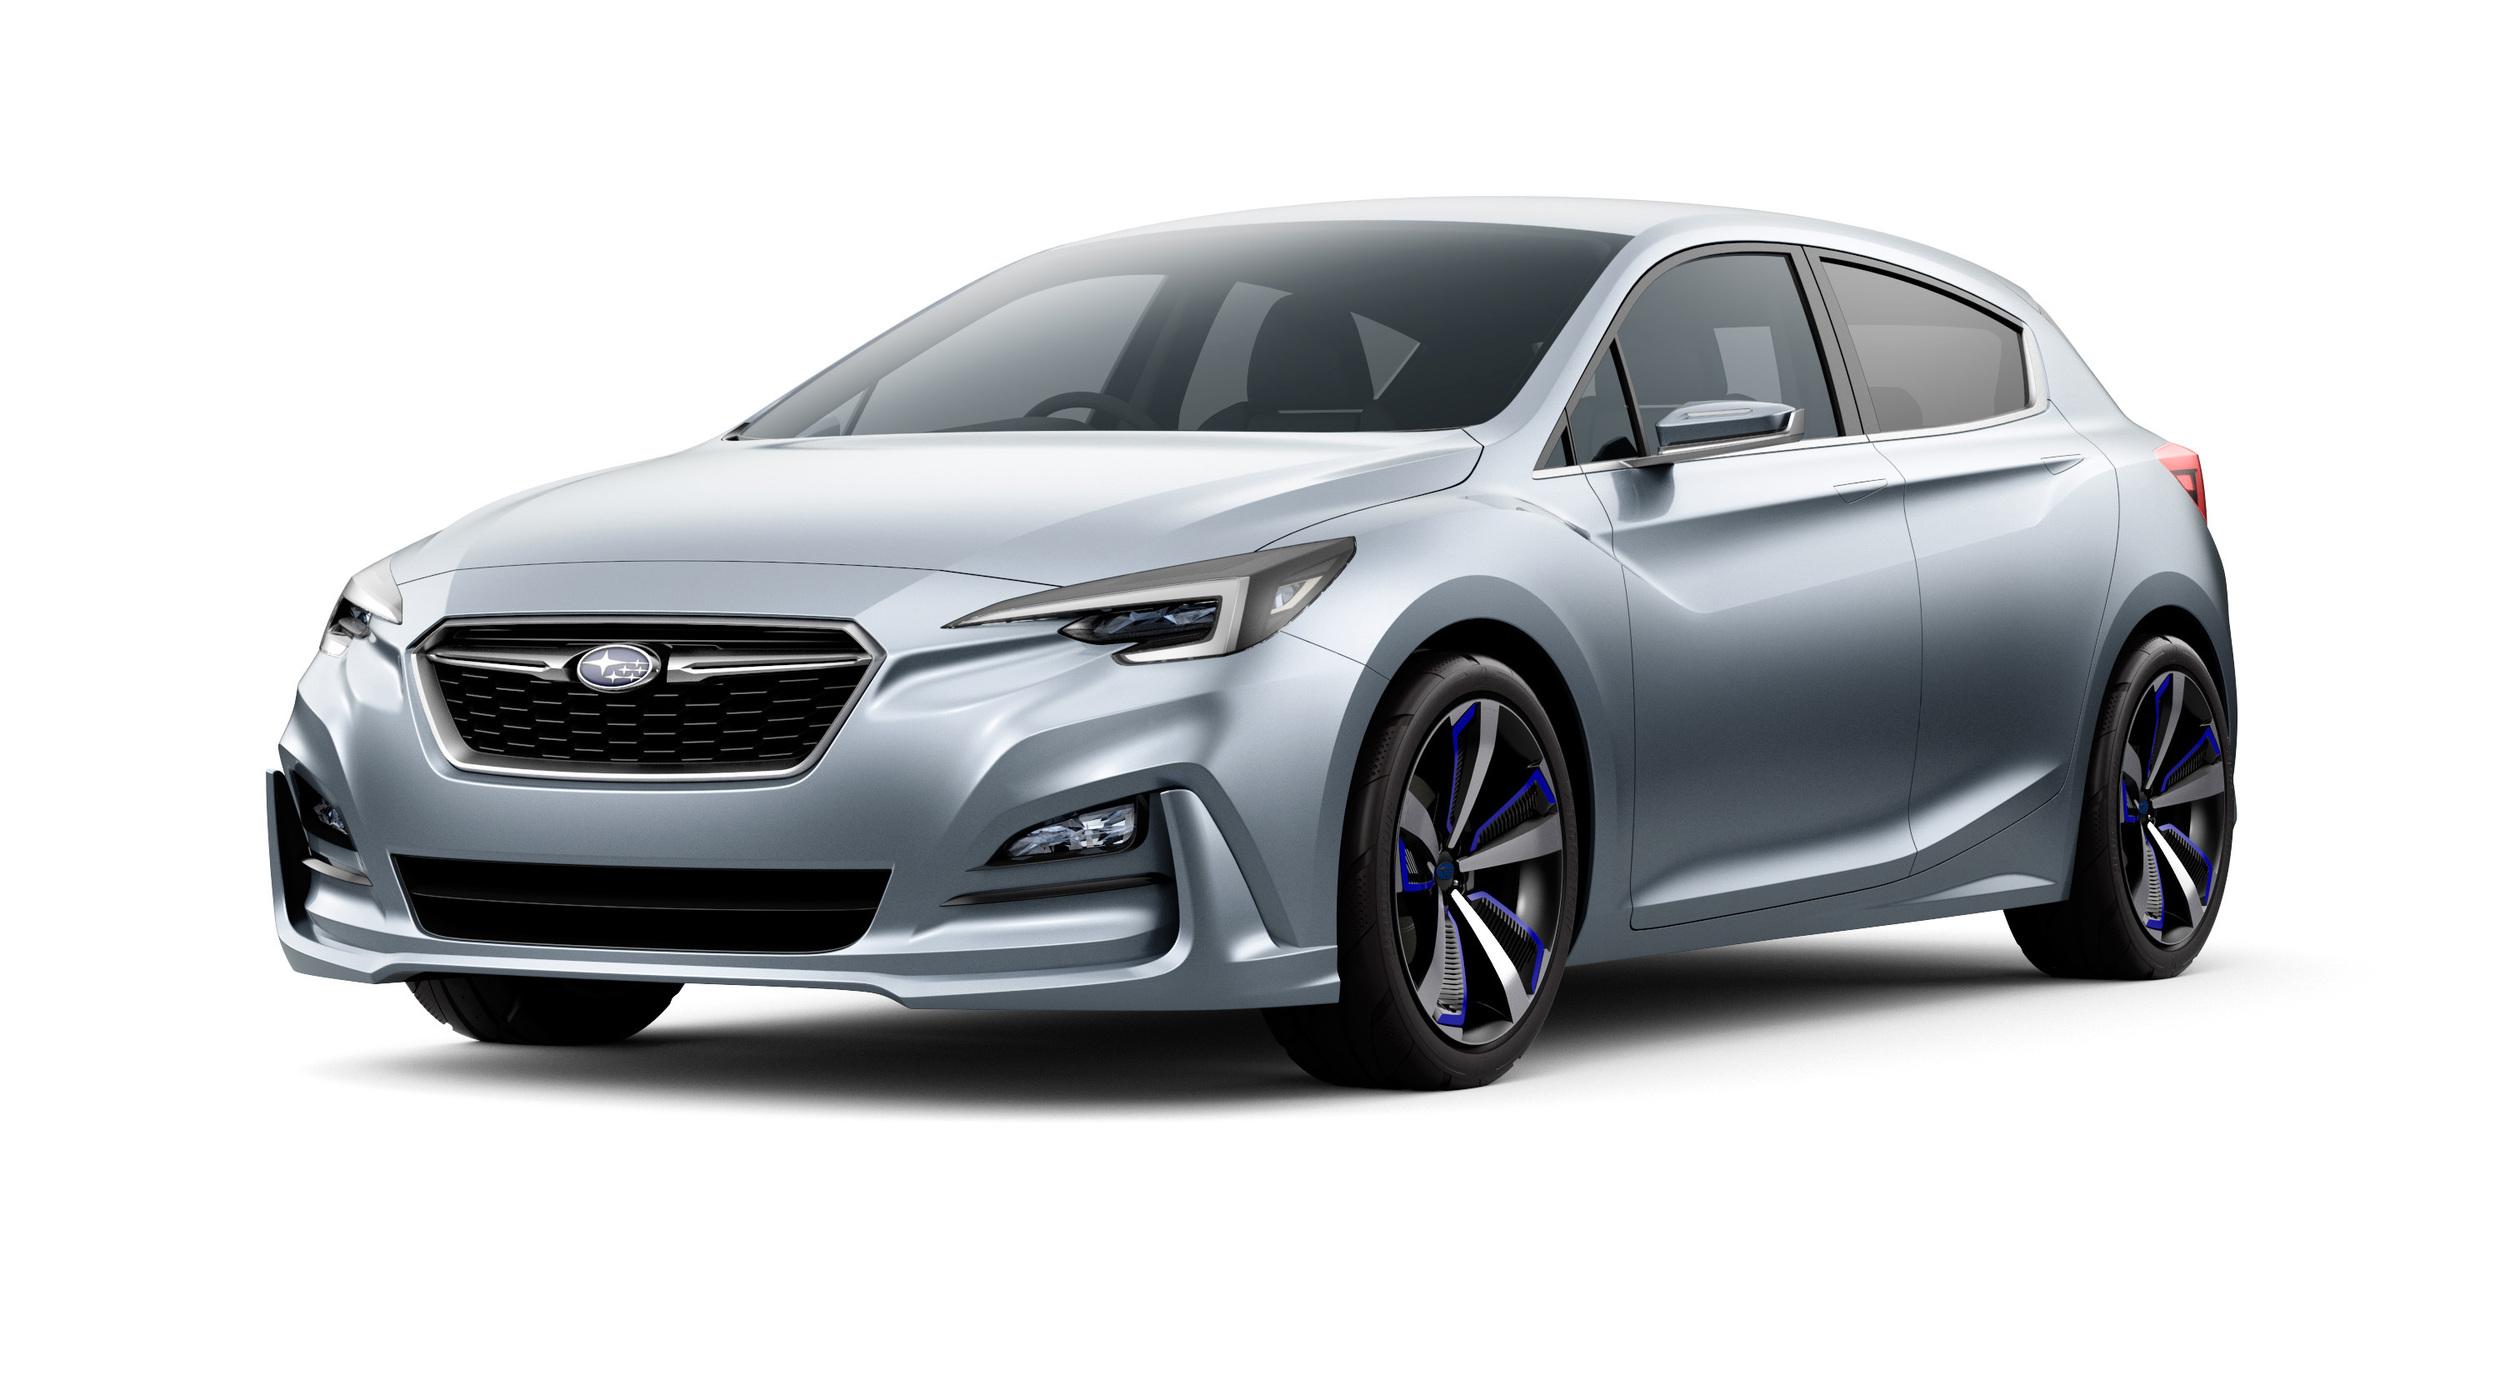 2015 Subaru Impreza 5 Door Concepts